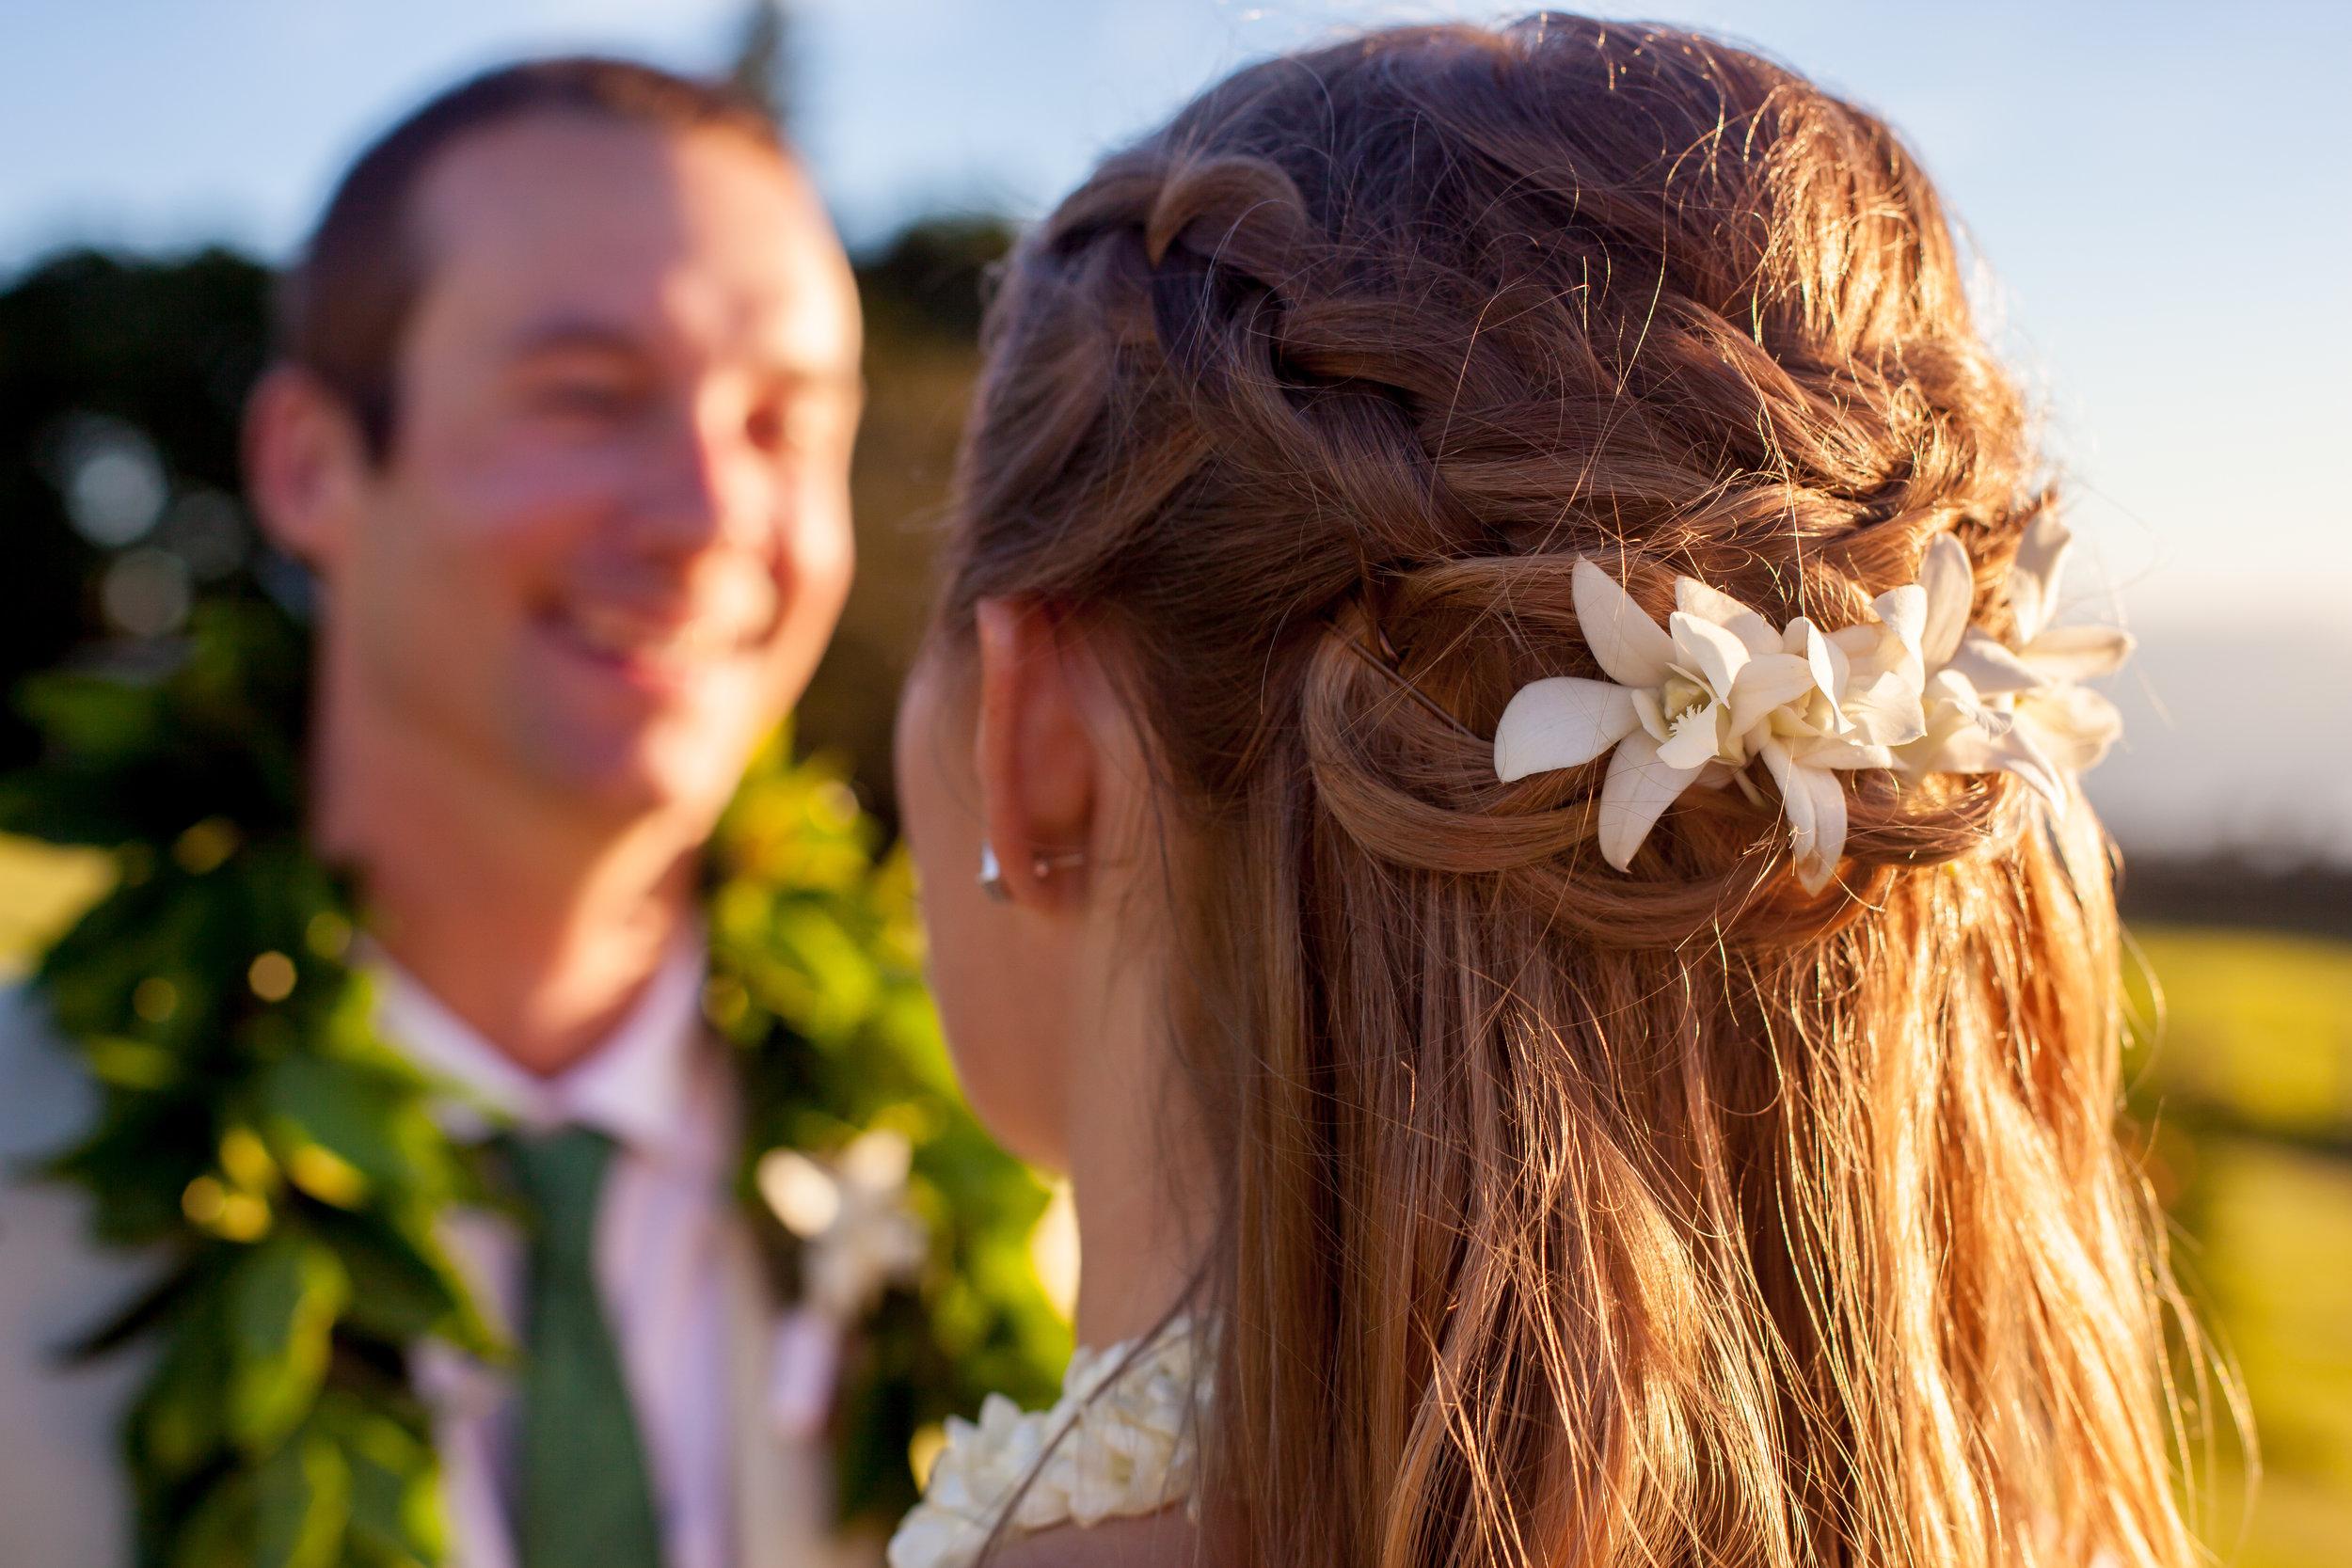 big island hawaii kahua ranch wedding © kelilina photography 20170106173930.jpg